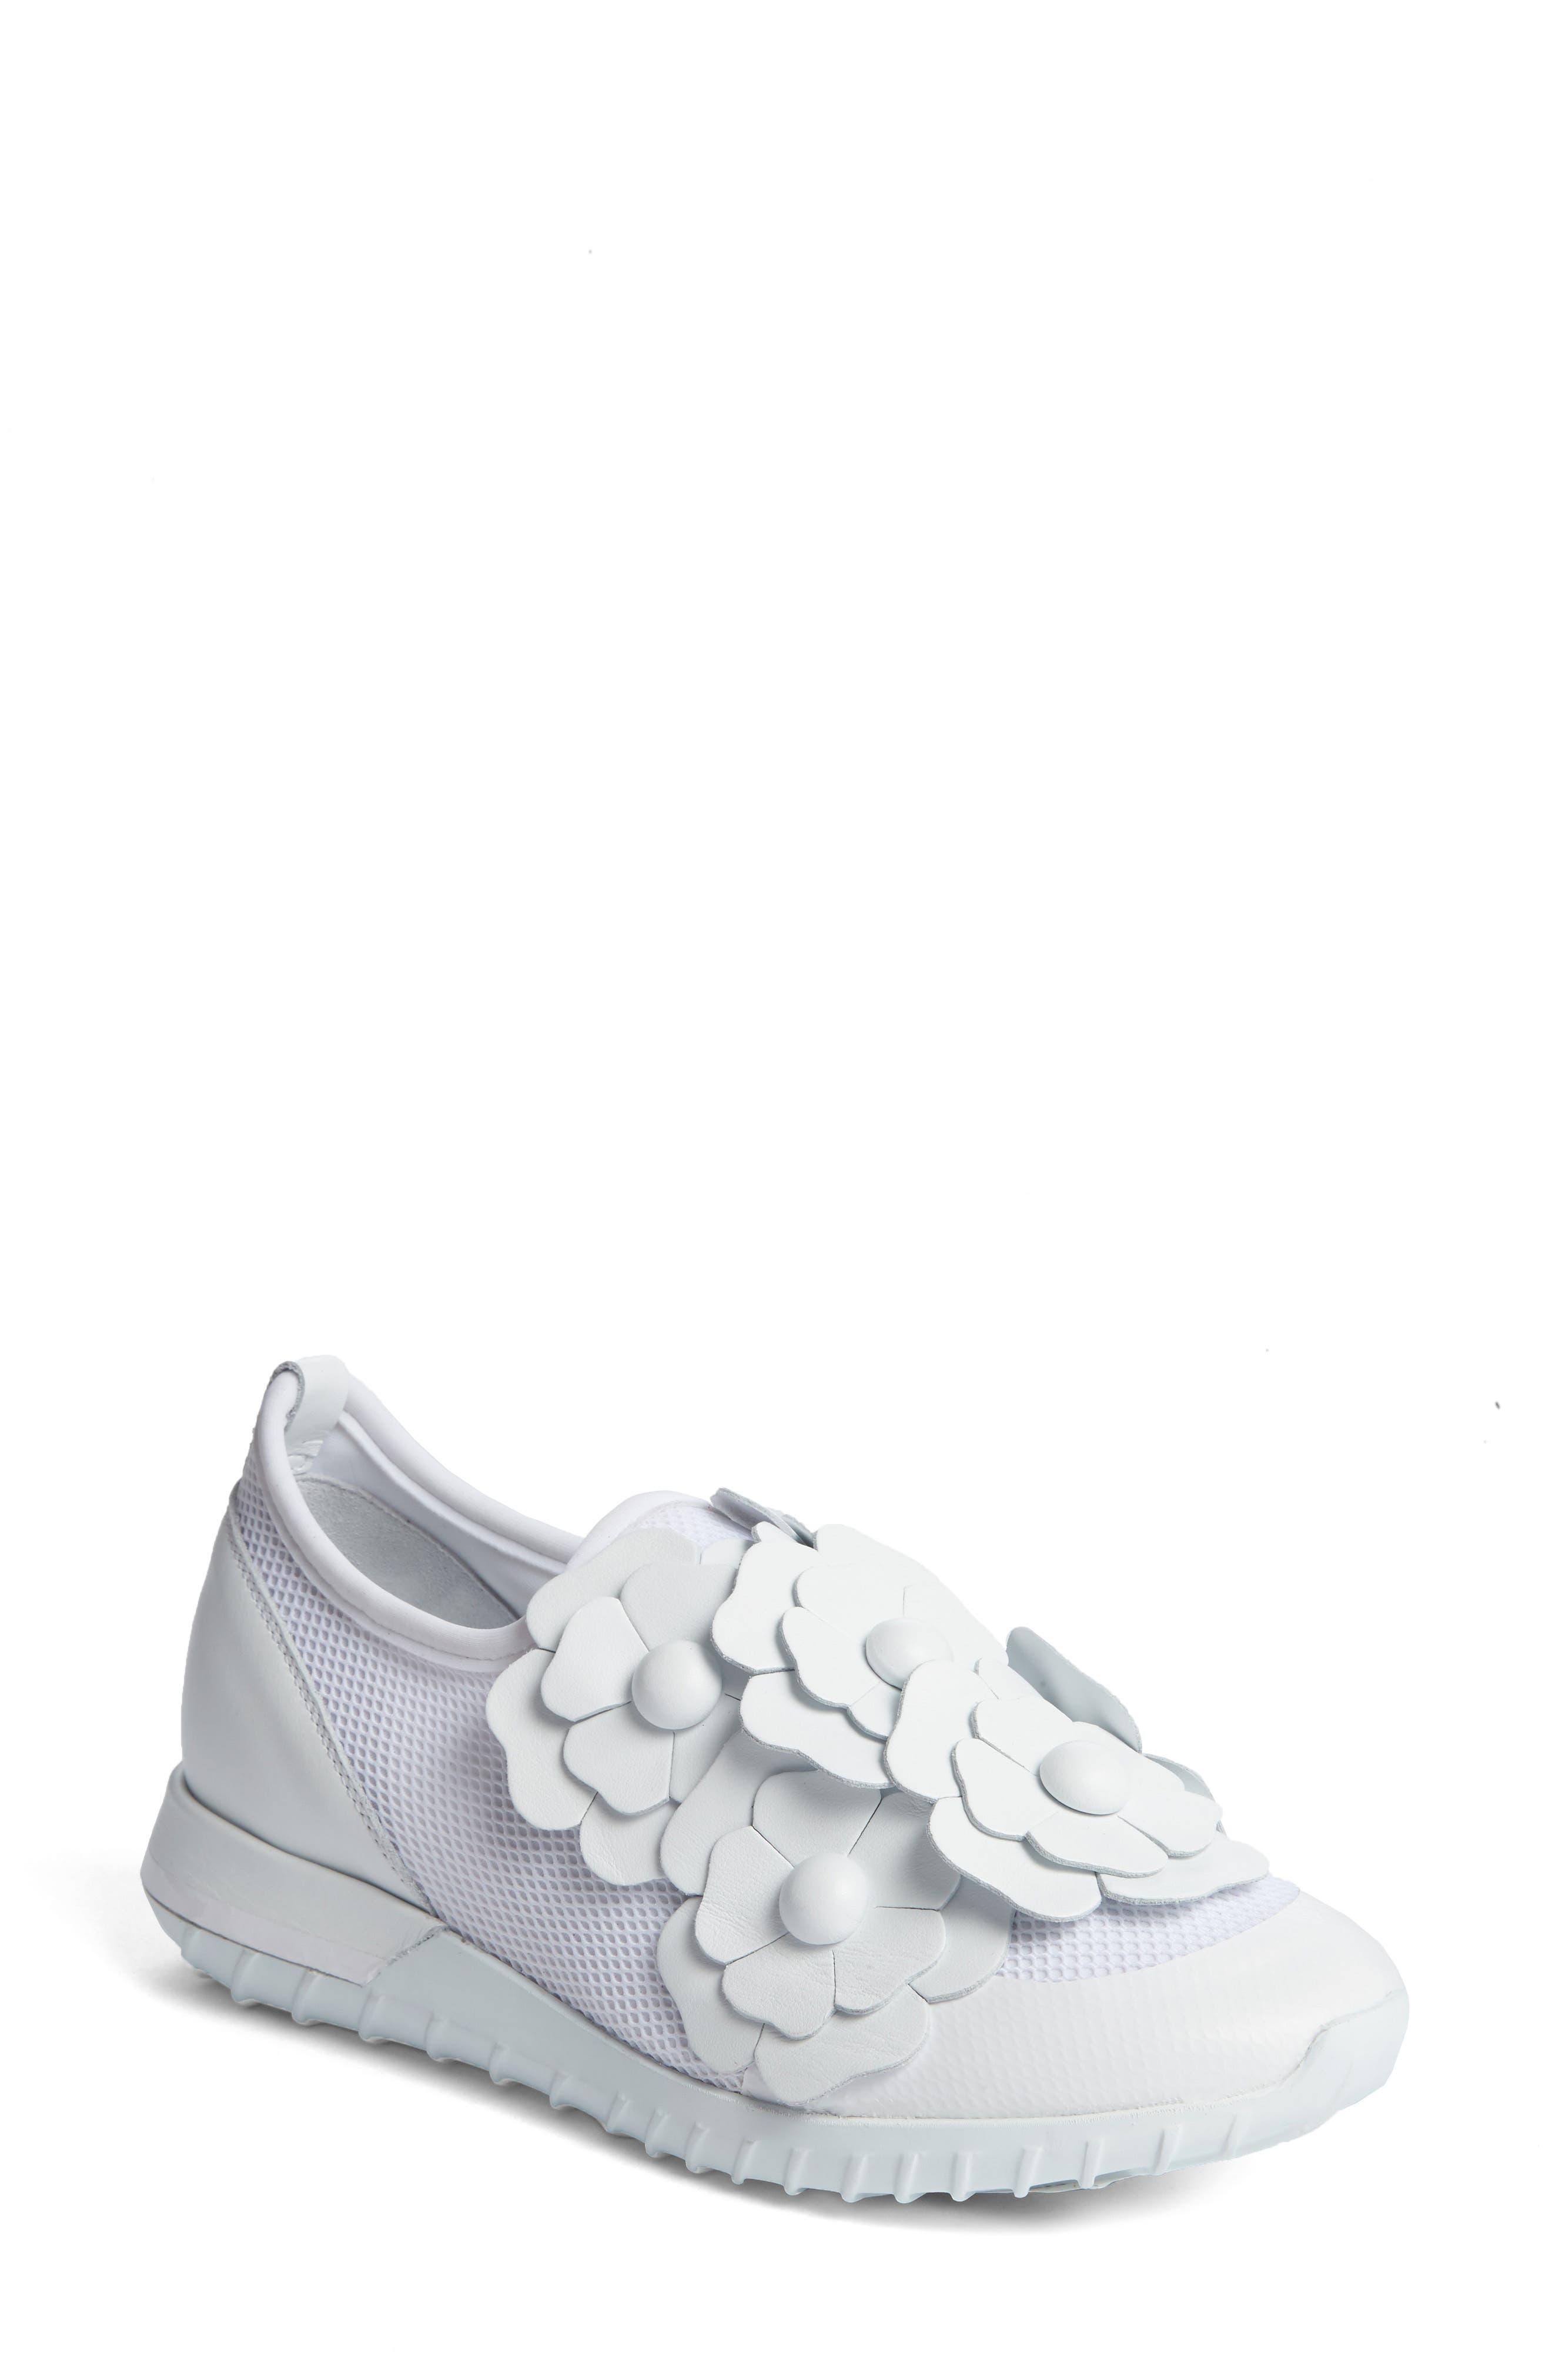 Emy Roseline Slip-On Sneaker,                             Main thumbnail 1, color,                             White Leather